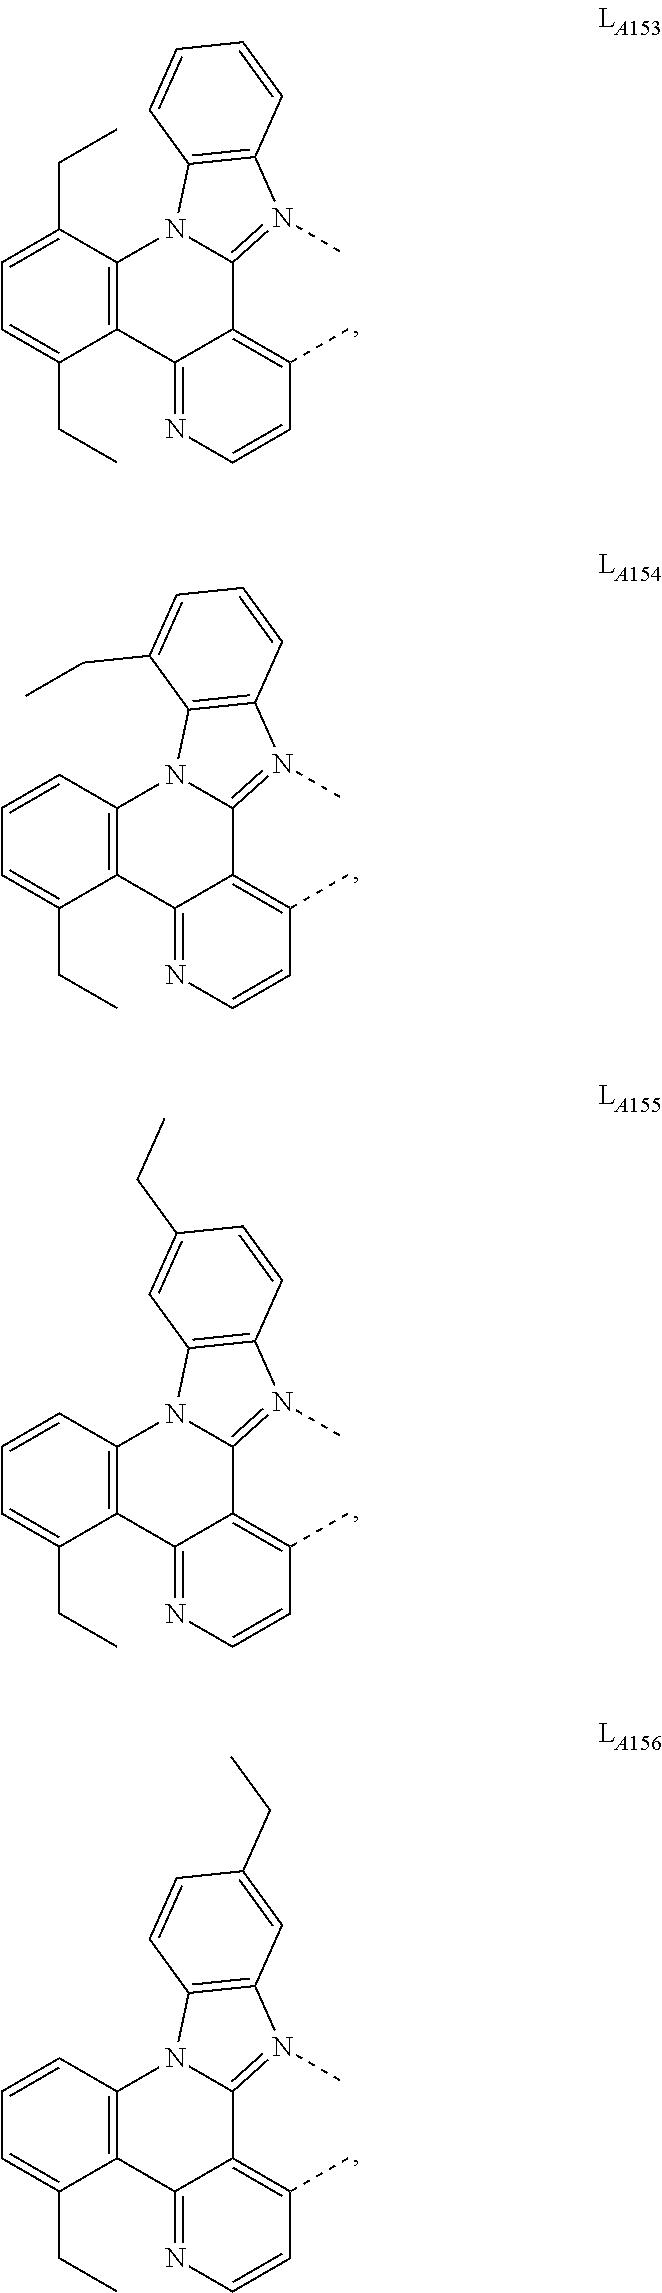 Figure US09905785-20180227-C00060